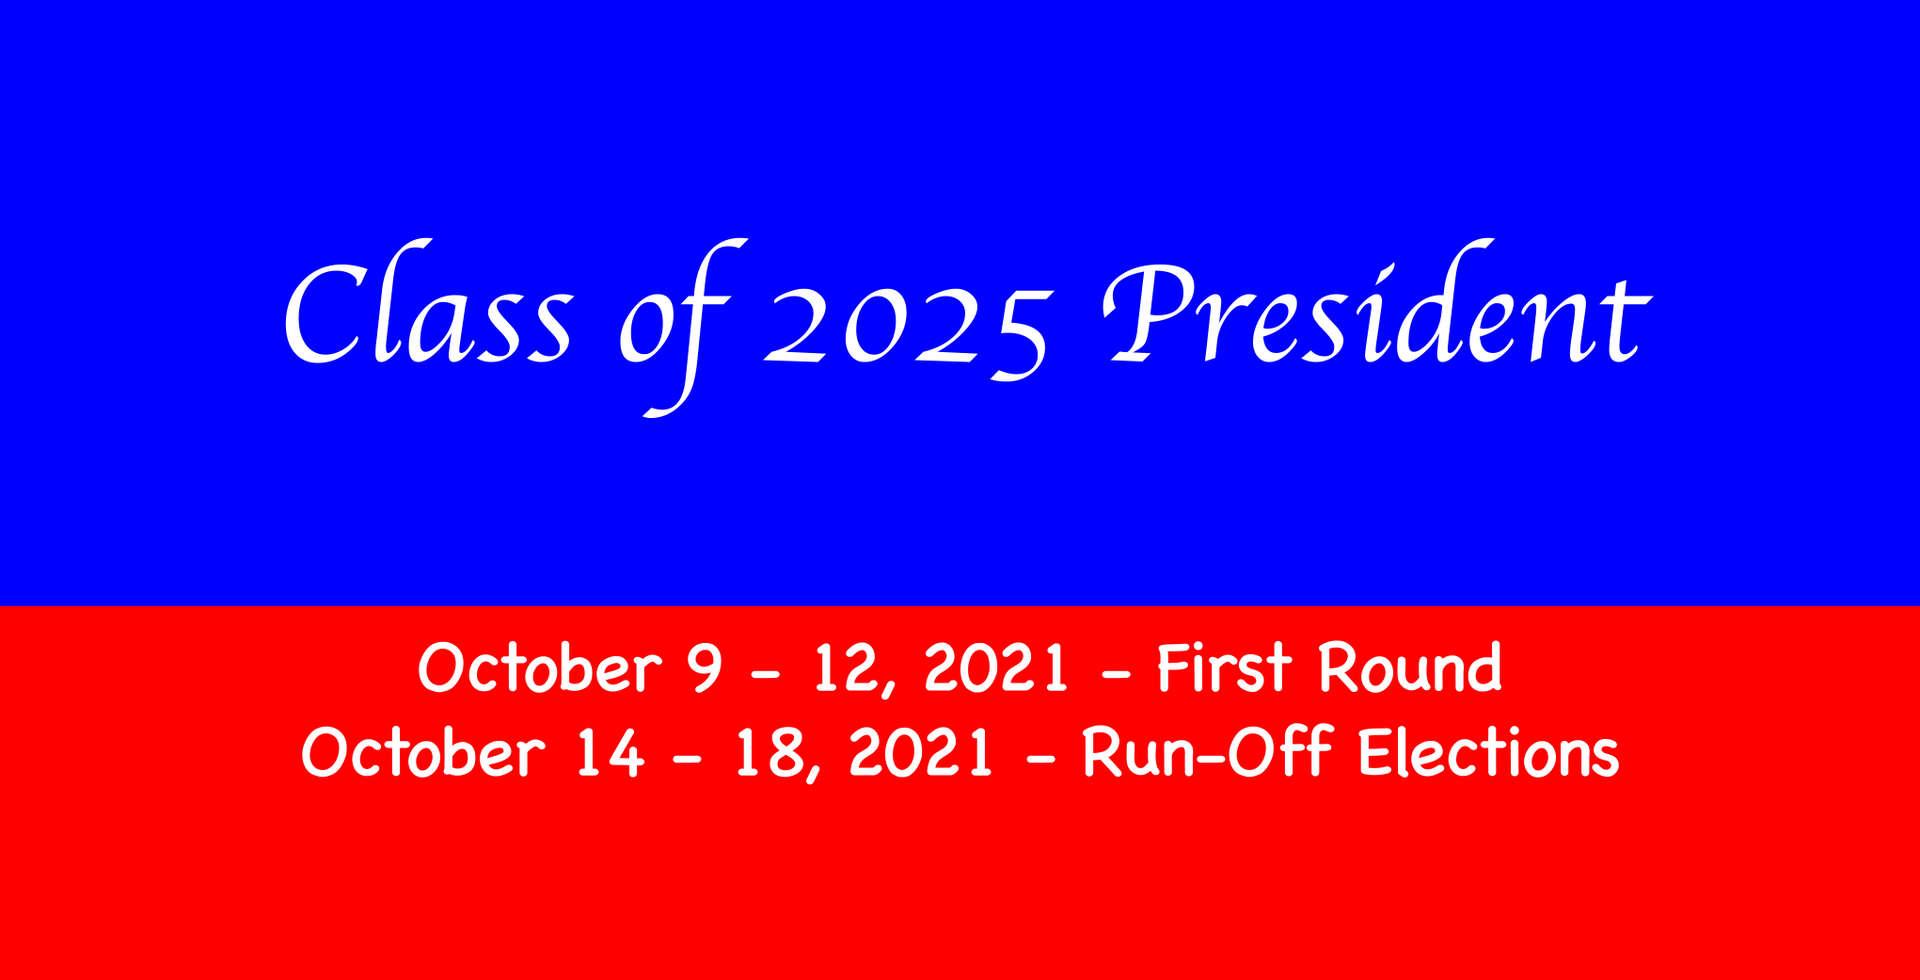 Freshmen President Election Dates